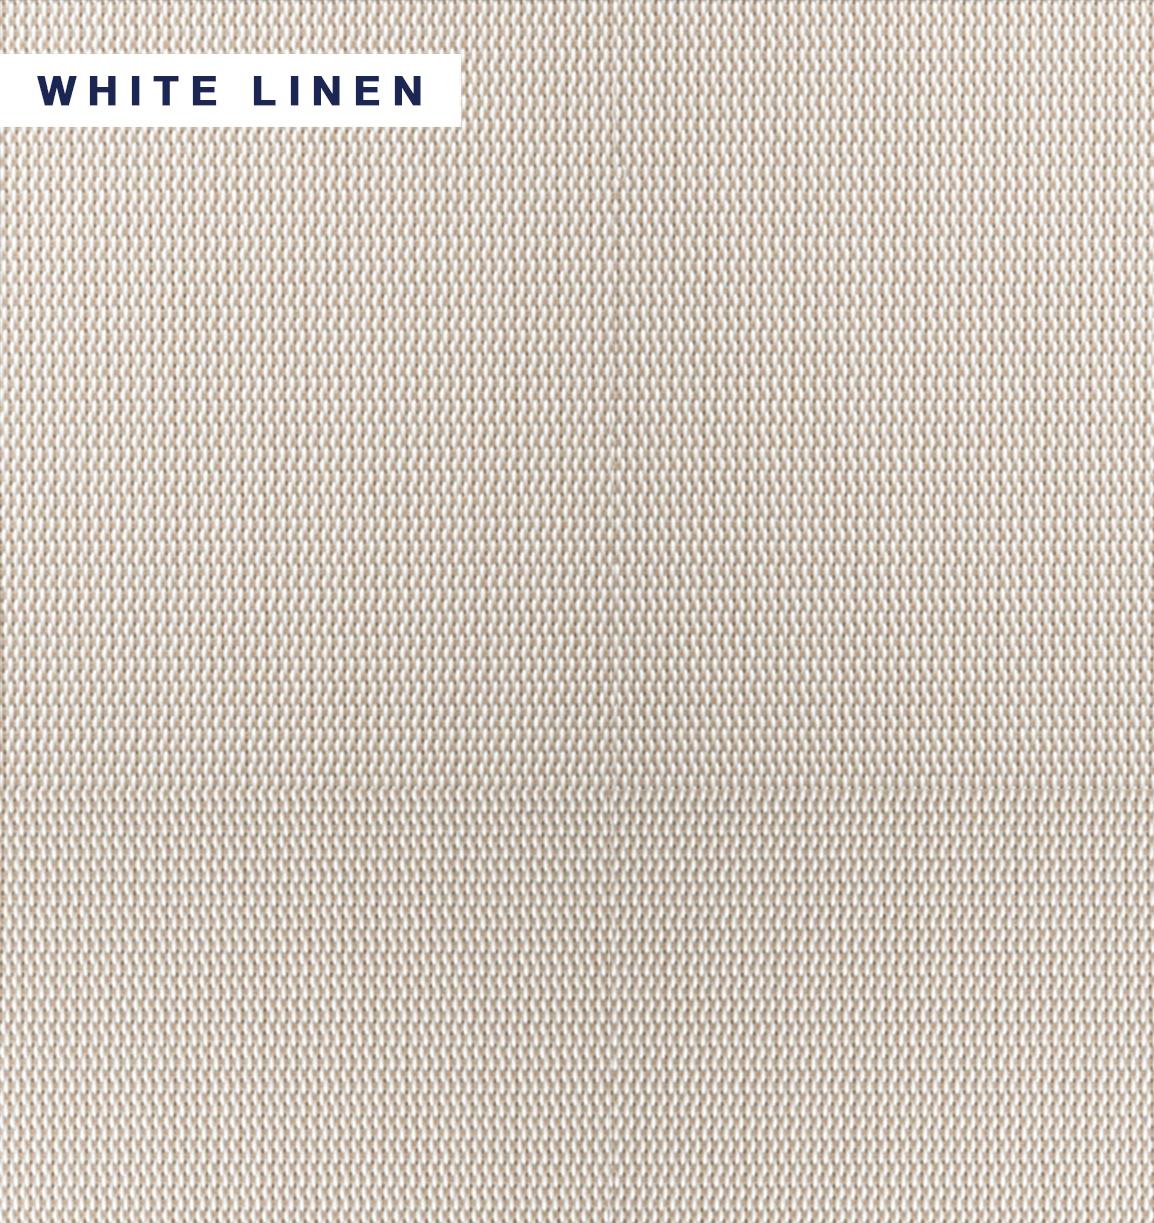 Vivid Shade - White Linen.jpg